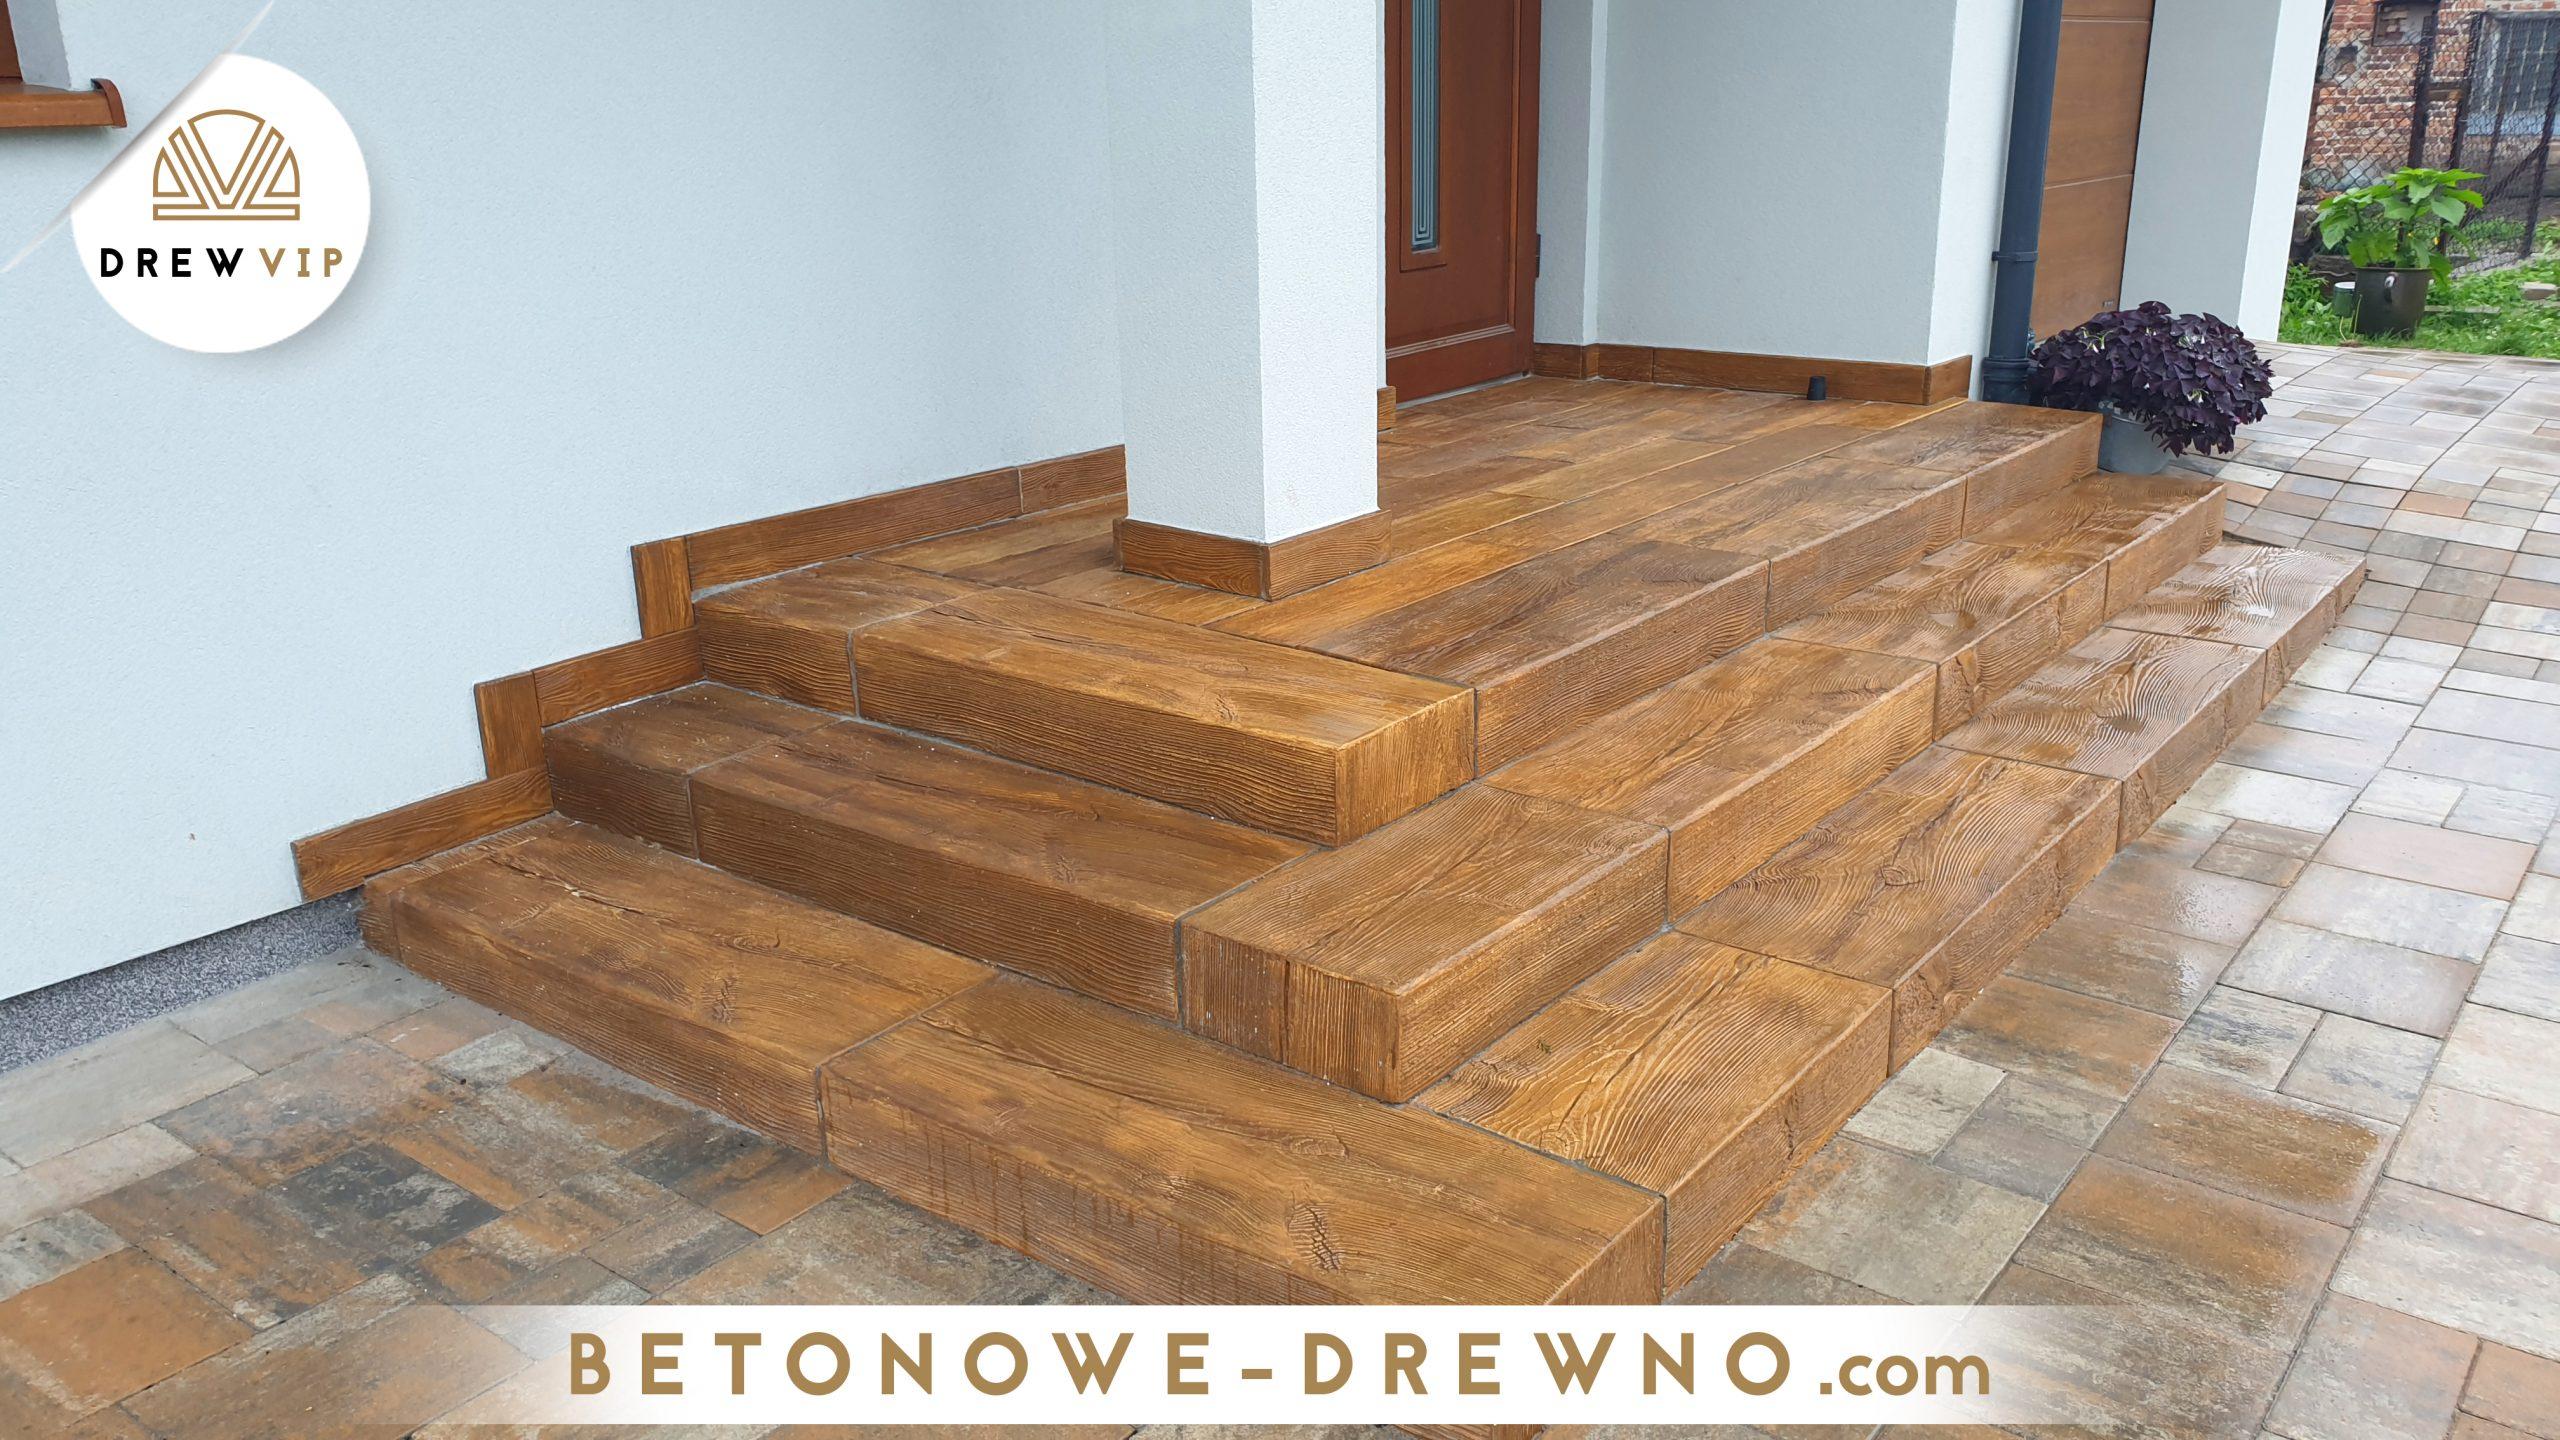 drewno betonowe rustykal